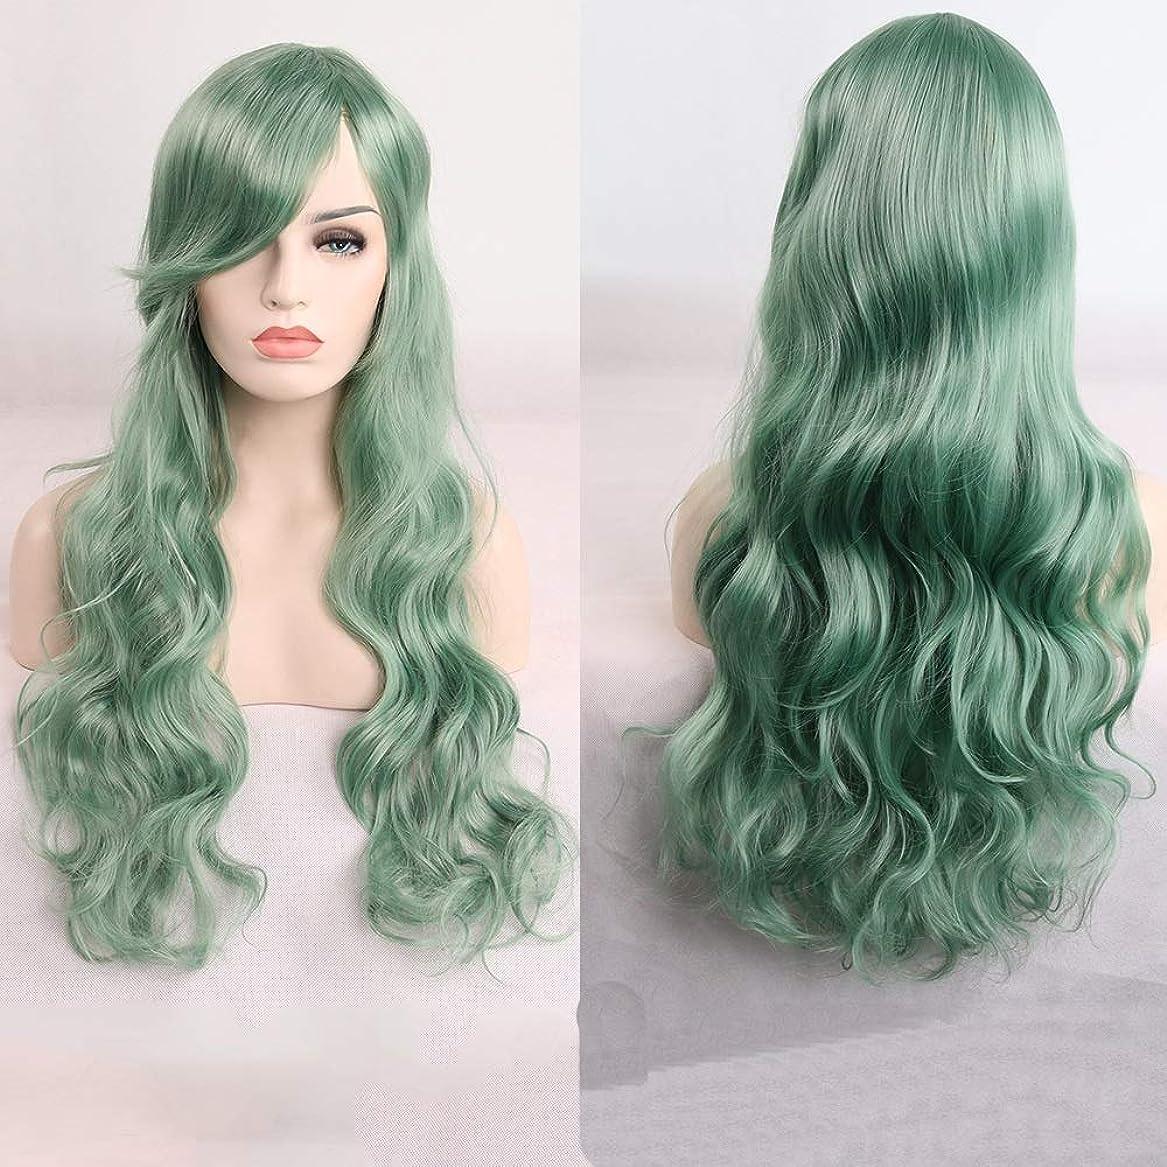 カロリー降伏ターゲット女性の長い大きなウェーブのかかった髪かつら31インチ人工毛交換かつらハロウィンコスプレ衣装アニメパーティーウィッグ(かつらキャップ付き) (Color : 緑)